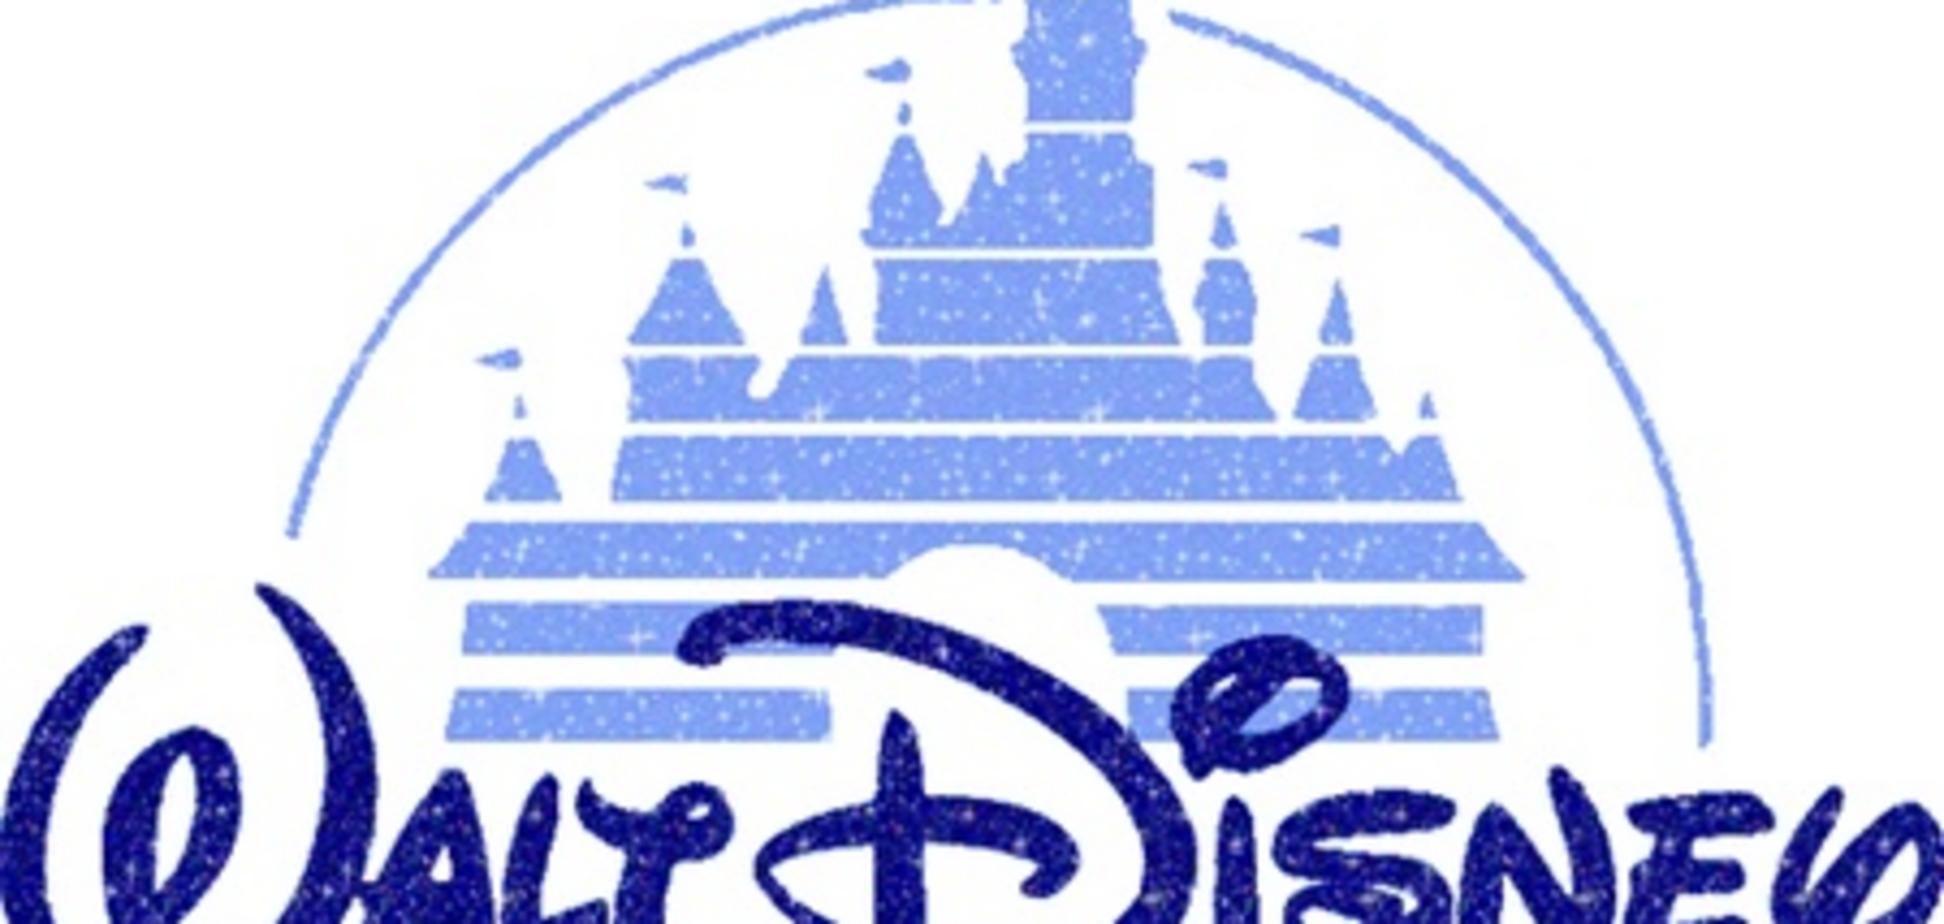 Disney закрывает студию видеоигр LucasArts